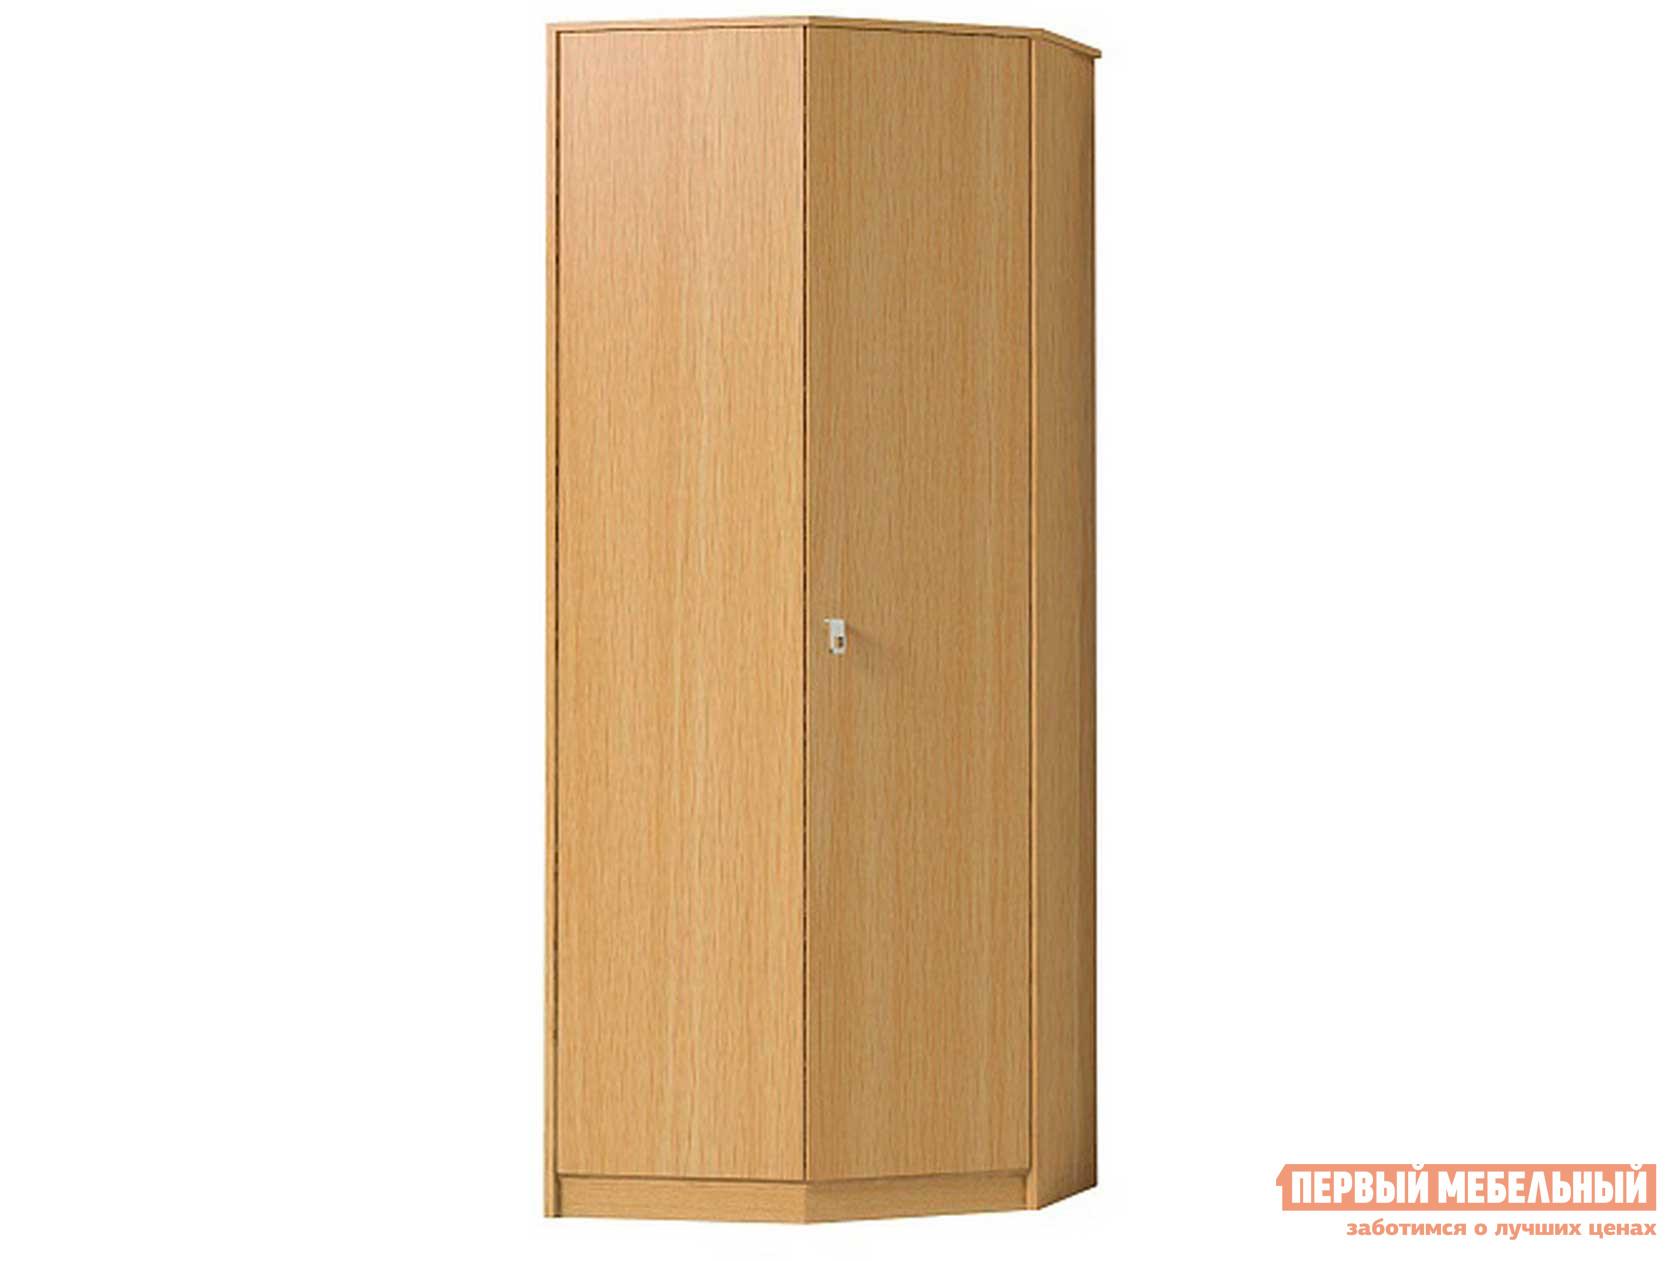 Шкаф распашной ТД Арника Комфорт (прихожая) Шкаф угловой 5